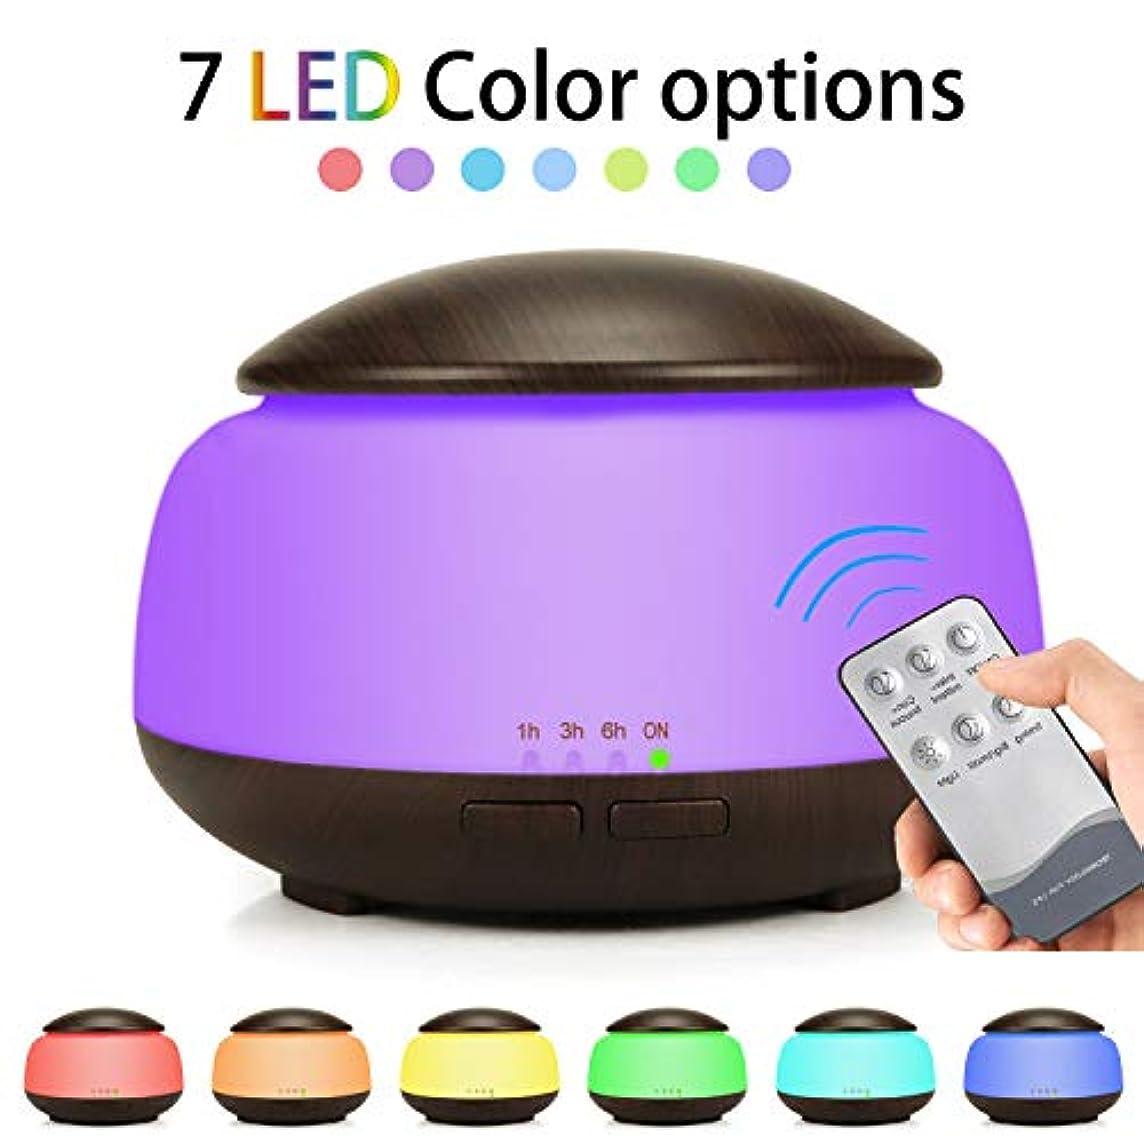 審判知恵定刻Aroma Diffuser,300ml Ultraschall Luftbefeuchter Raumbefeuchter, Elektrische Duftlampe Holzdesign Mit 7 Farben LED Licht, Aroma Diffuser, Aromatherapie